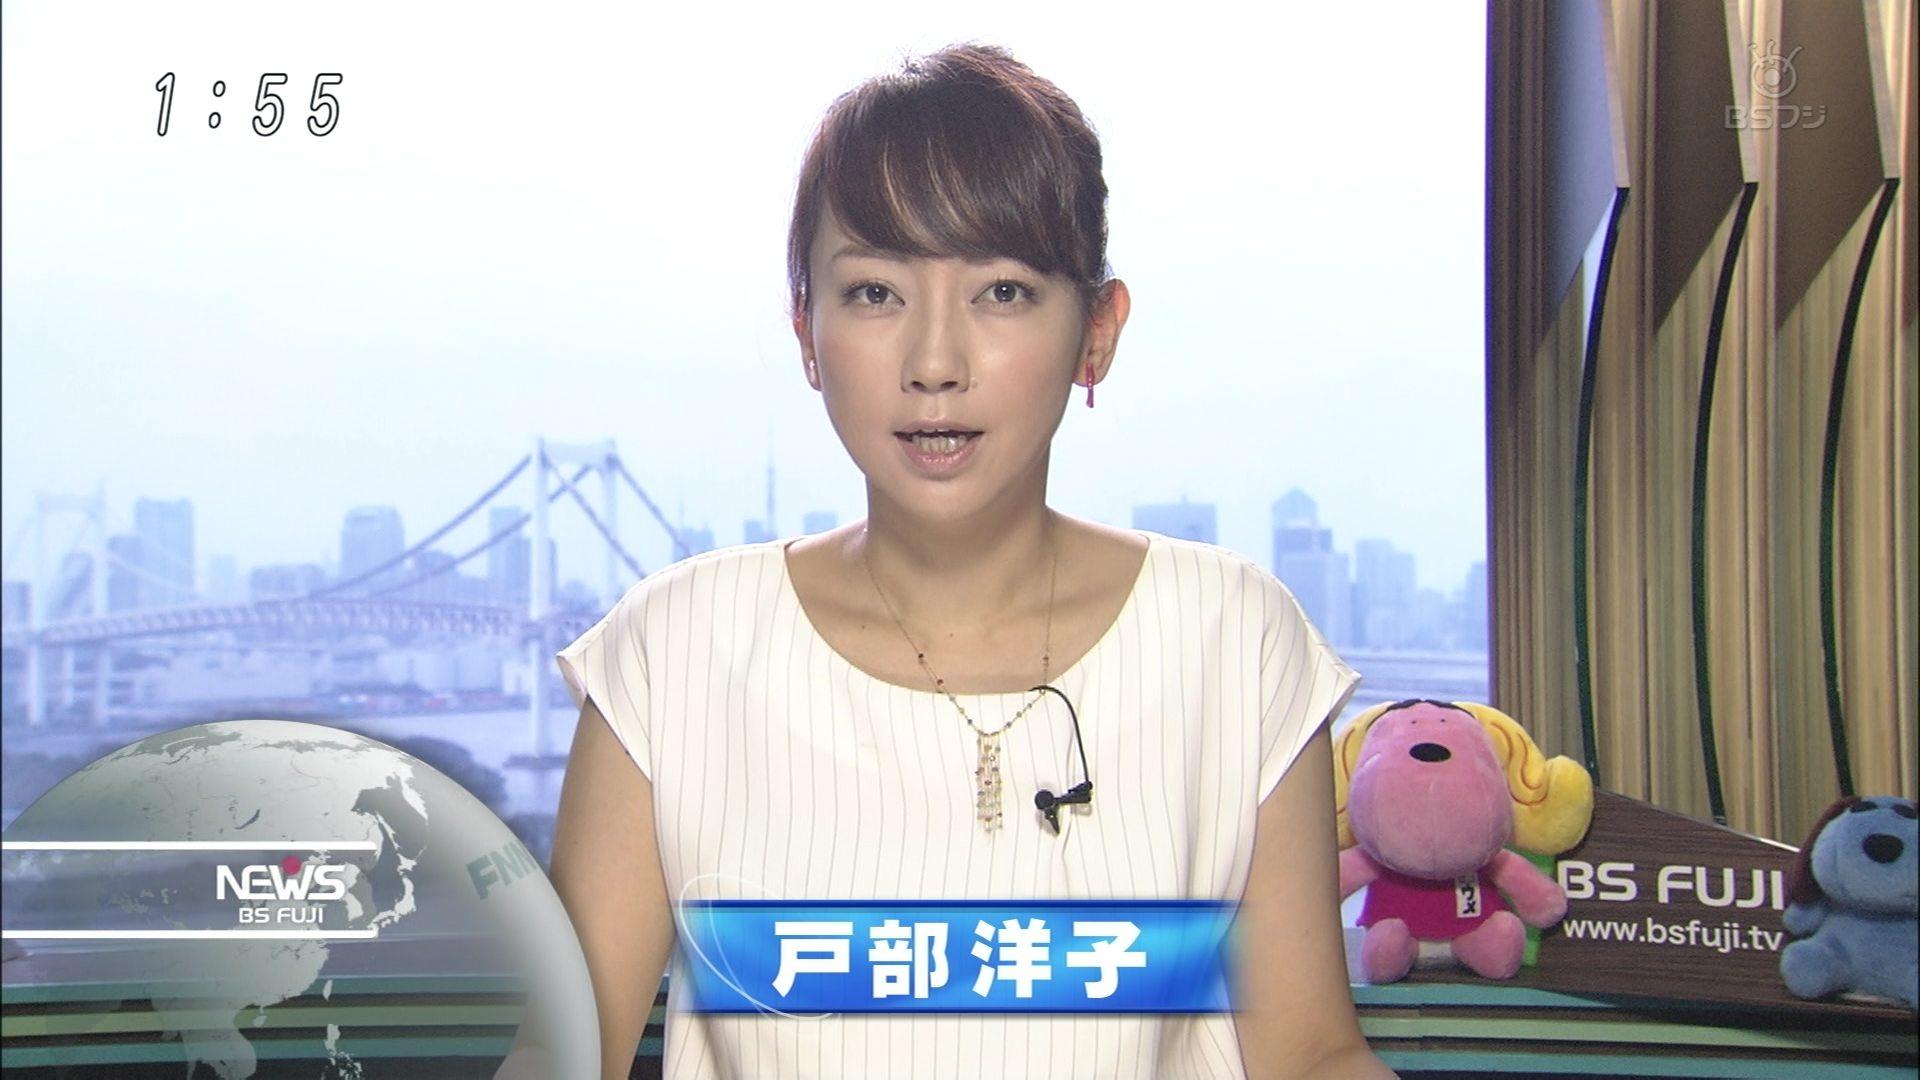 戸部洋子 BSフジニュース 0001